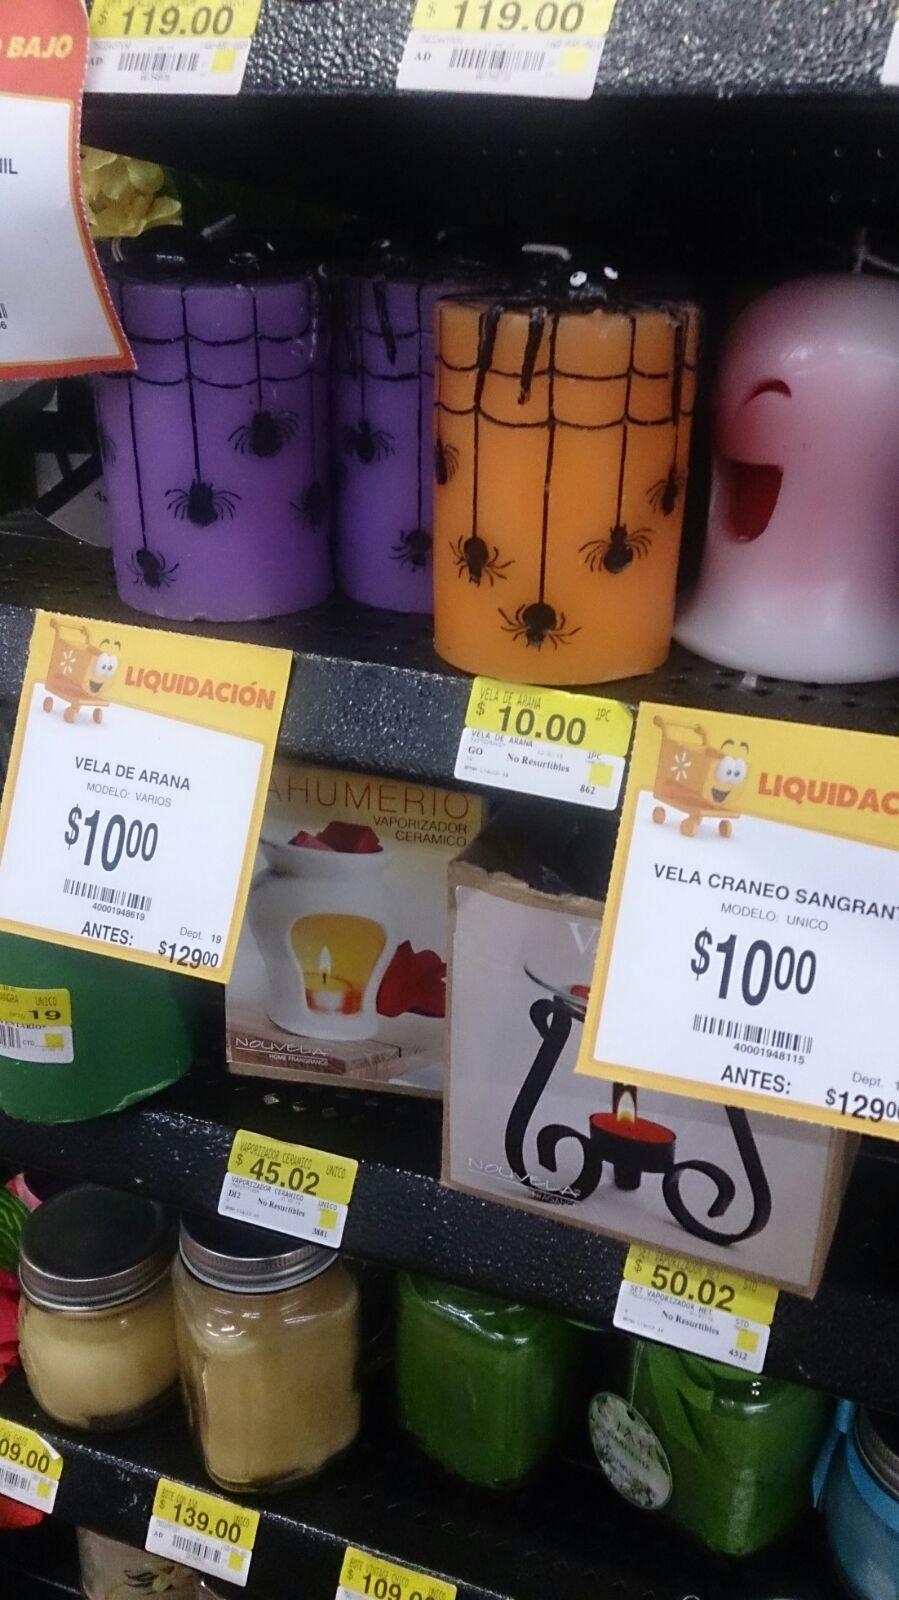 Walmart veladoras, portavelas $10.00 y maletas $545.03 en oferta.